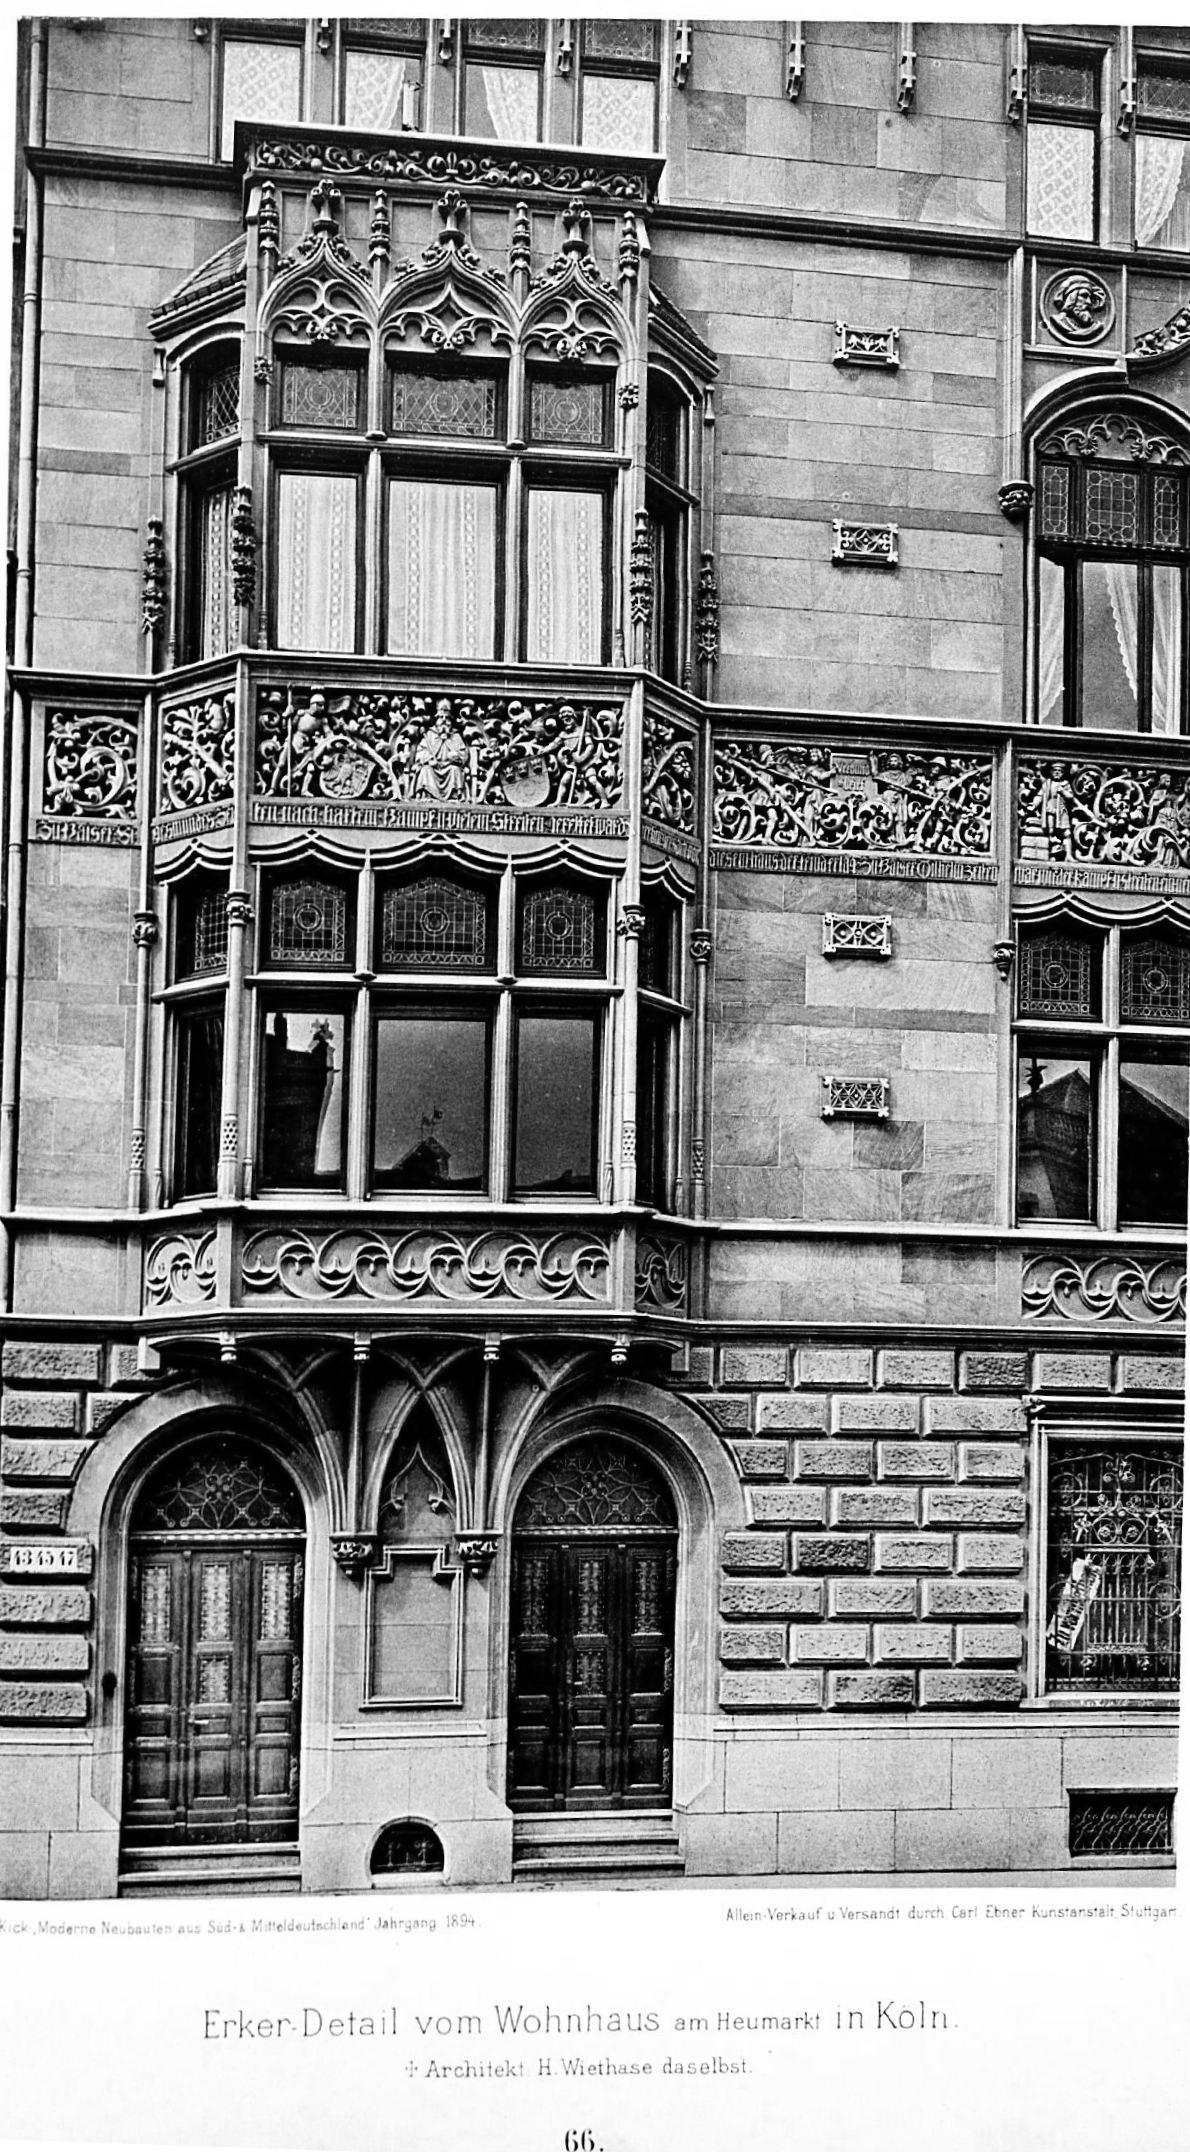 Architekt Köln file gotisches wohnhaus am heumarkt in köln architekt h wiethase